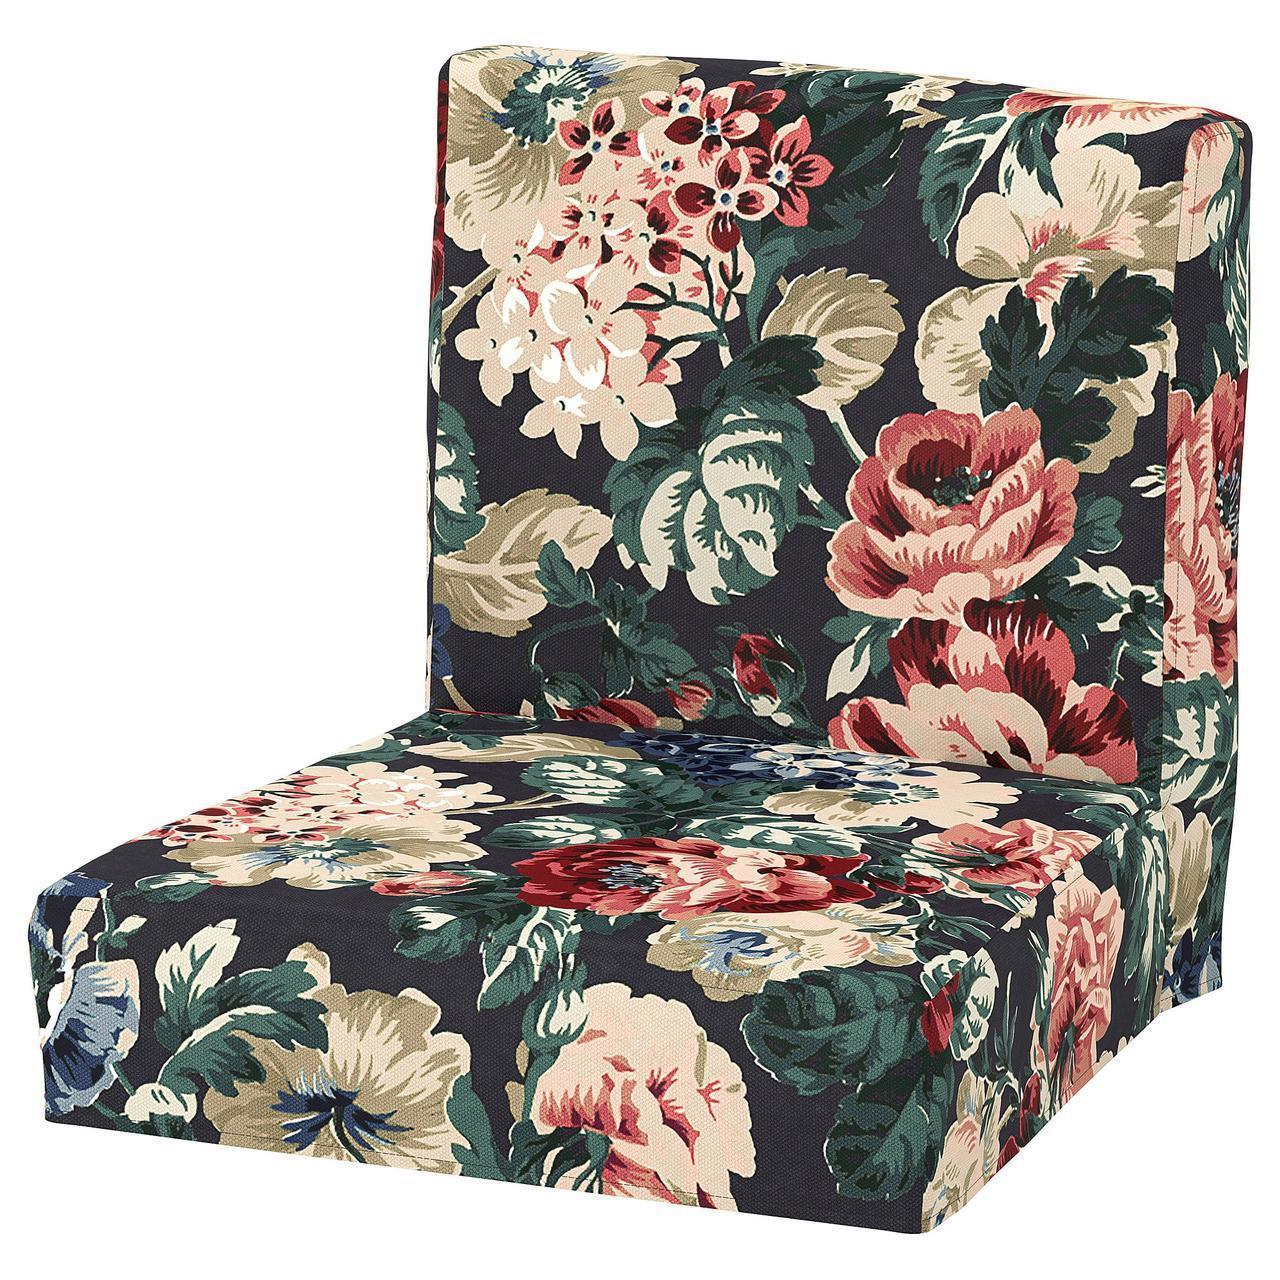 IKEA HENRIKSDAL Чехол для сиденья барного стула, Лингбо многоцветный  (604.379.23)